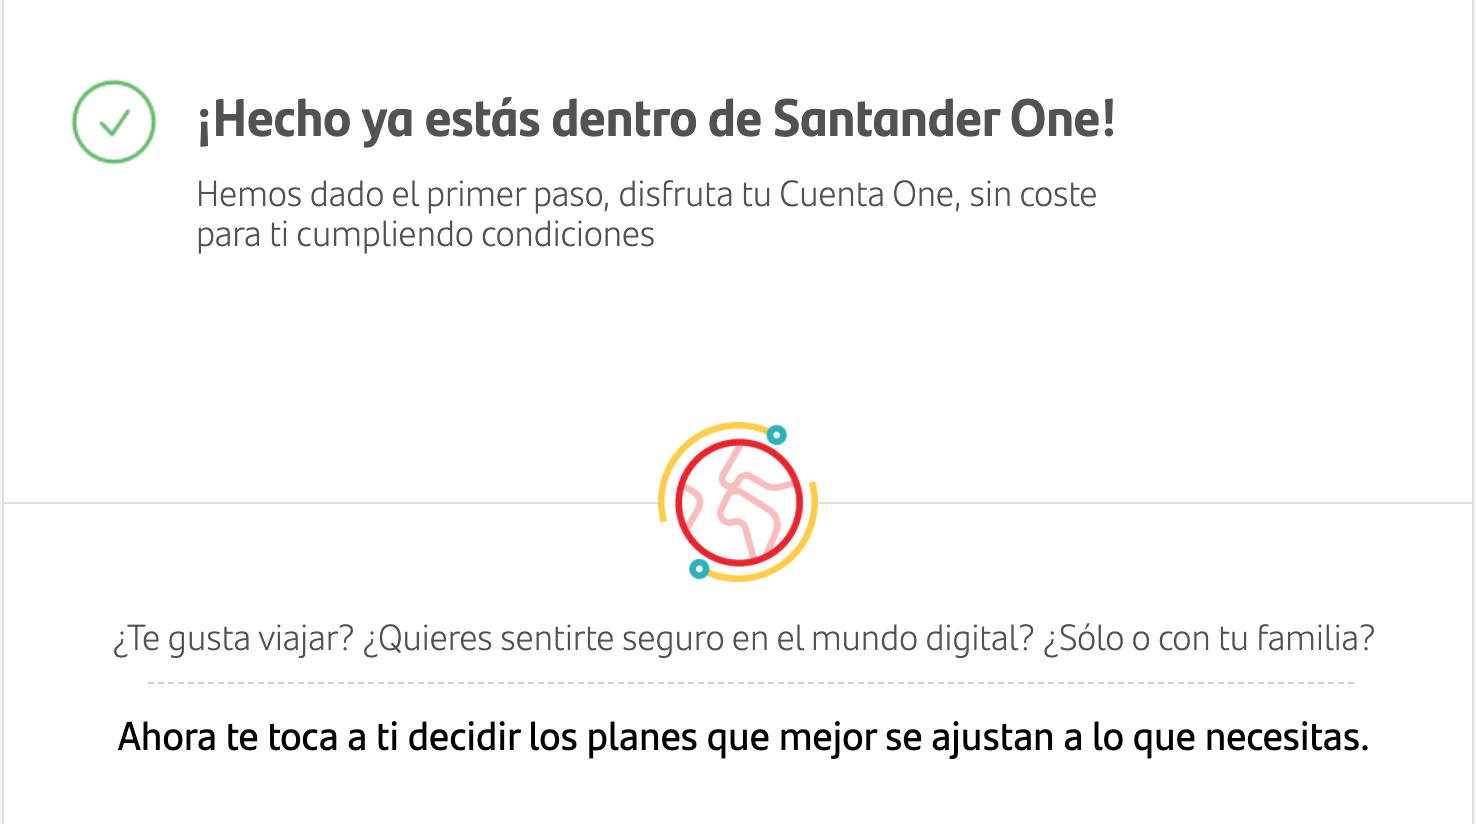 Santander One